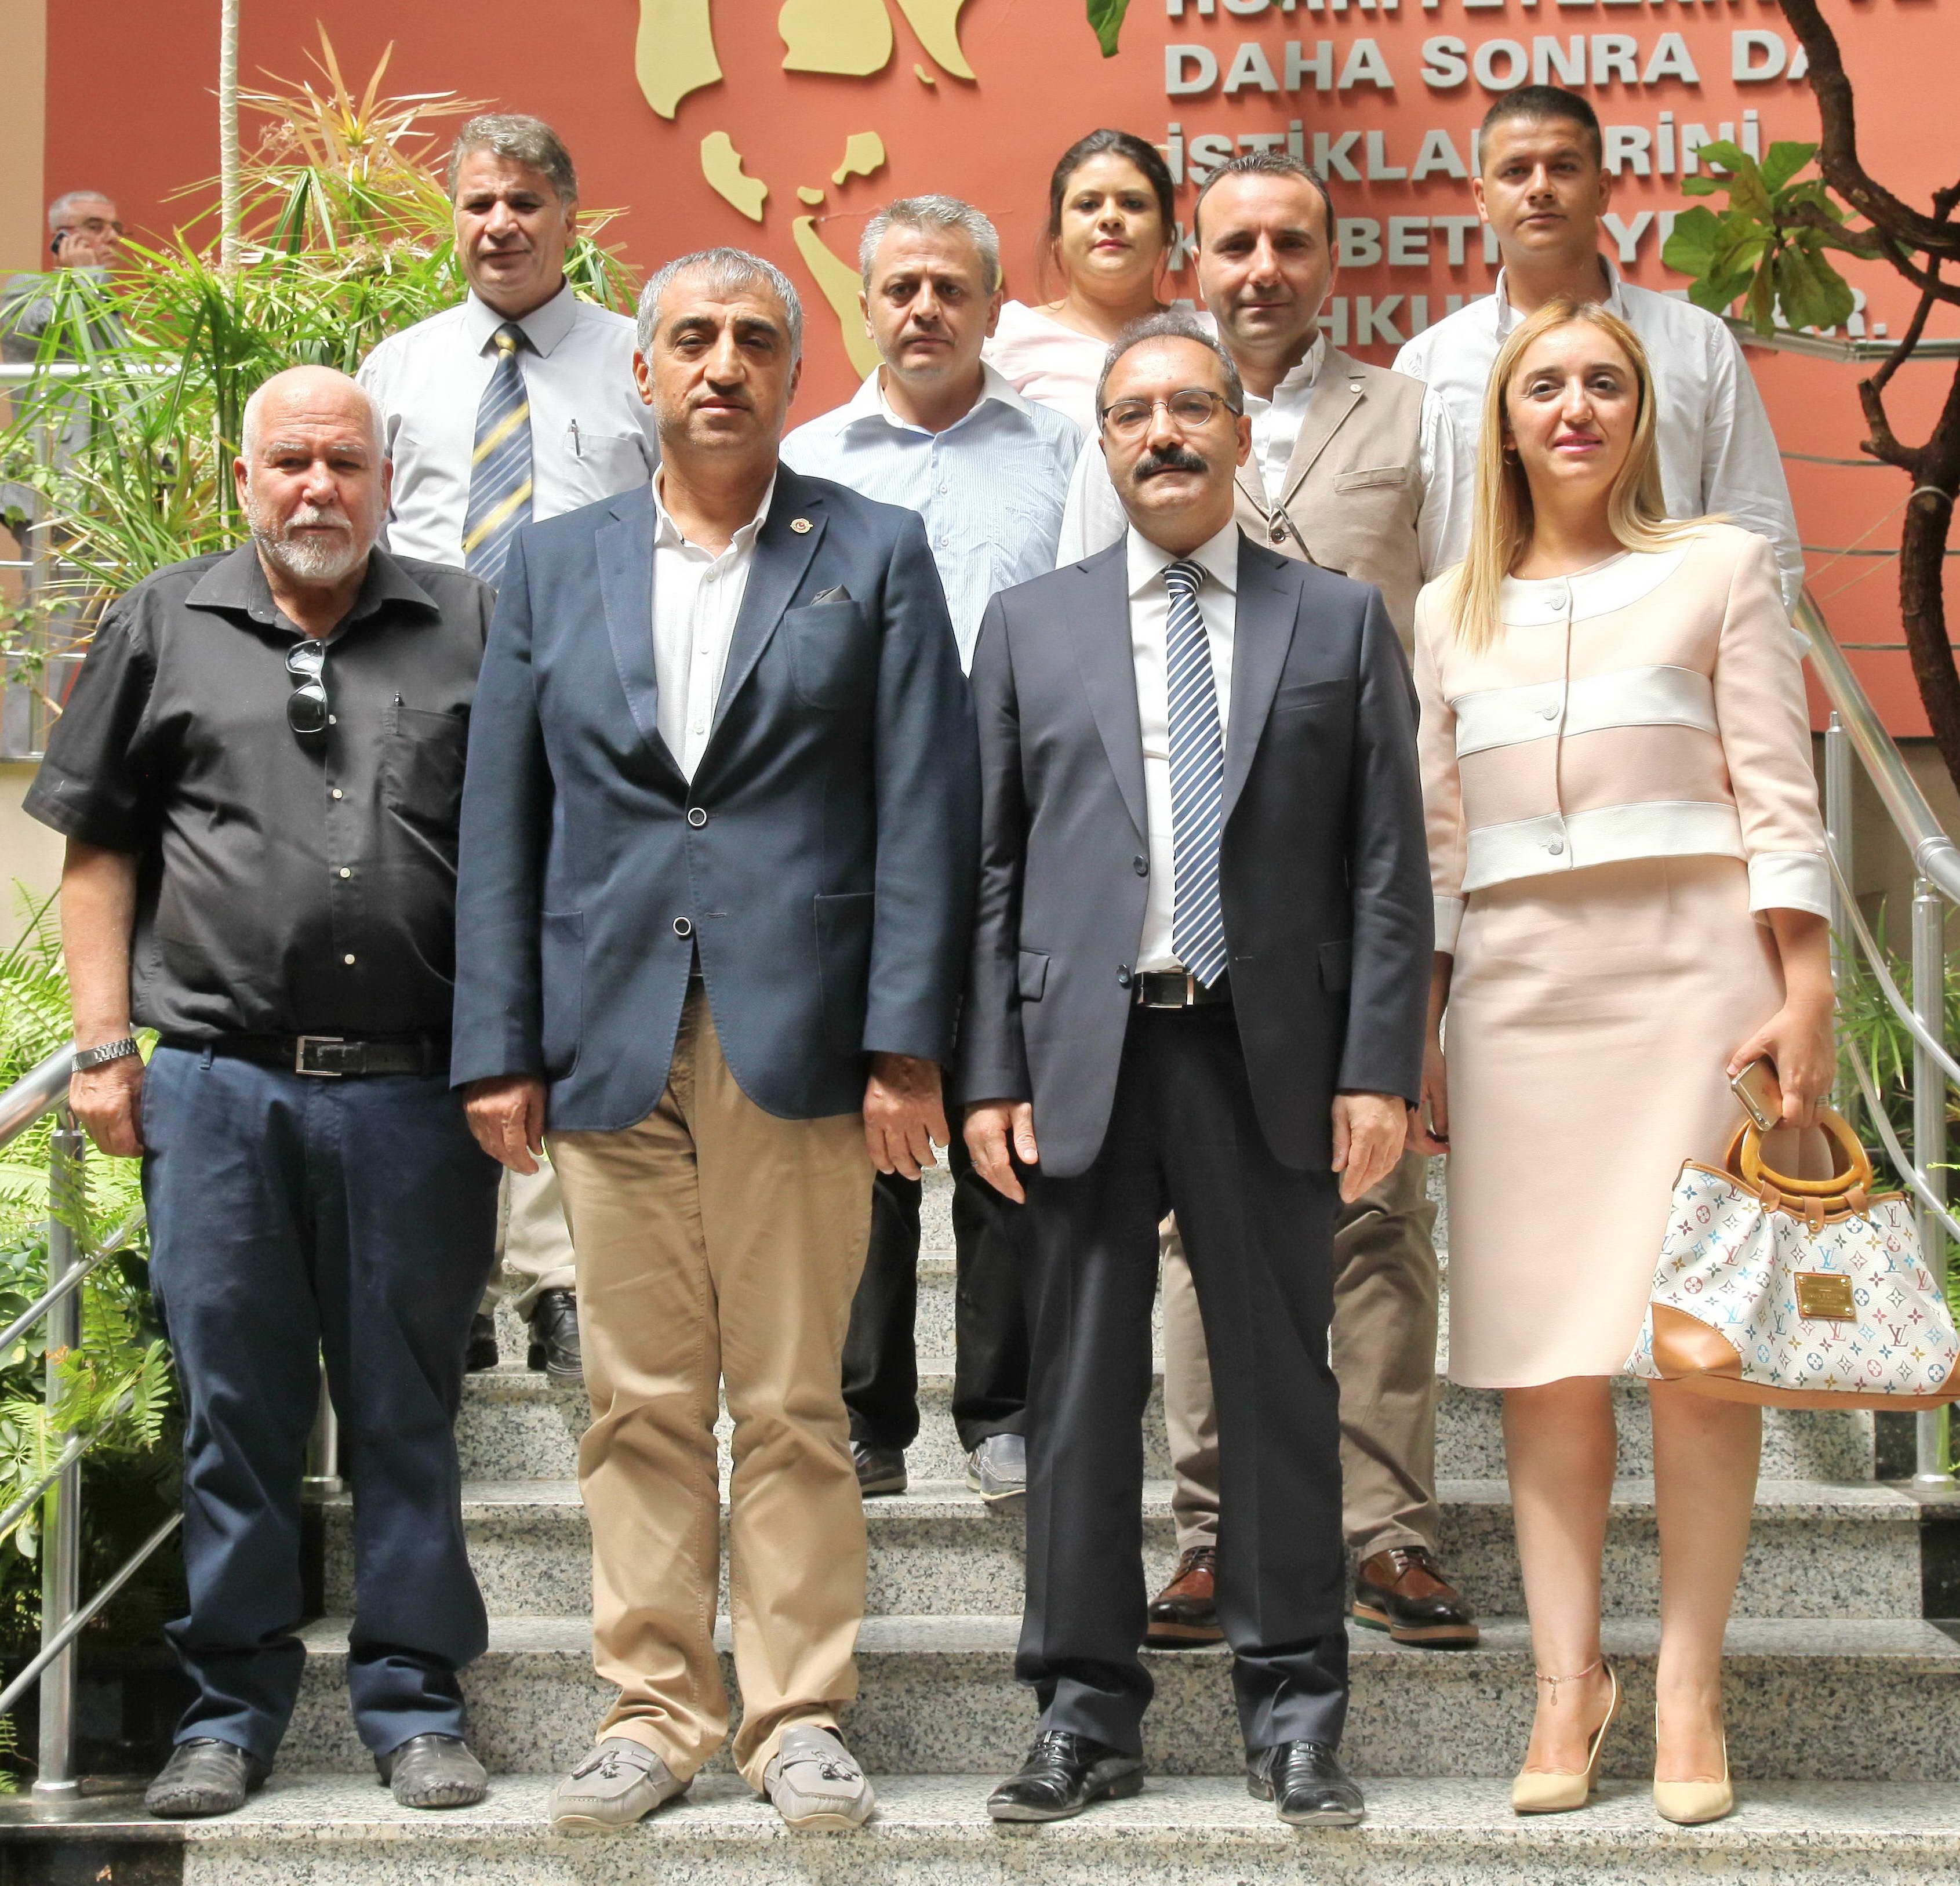 Güneydoğu Gazeteciler Cemiyeti Yönetim Kurulundan Rektör Prof. Dr. Gür'e Hayırlı Olsun Ziyareti